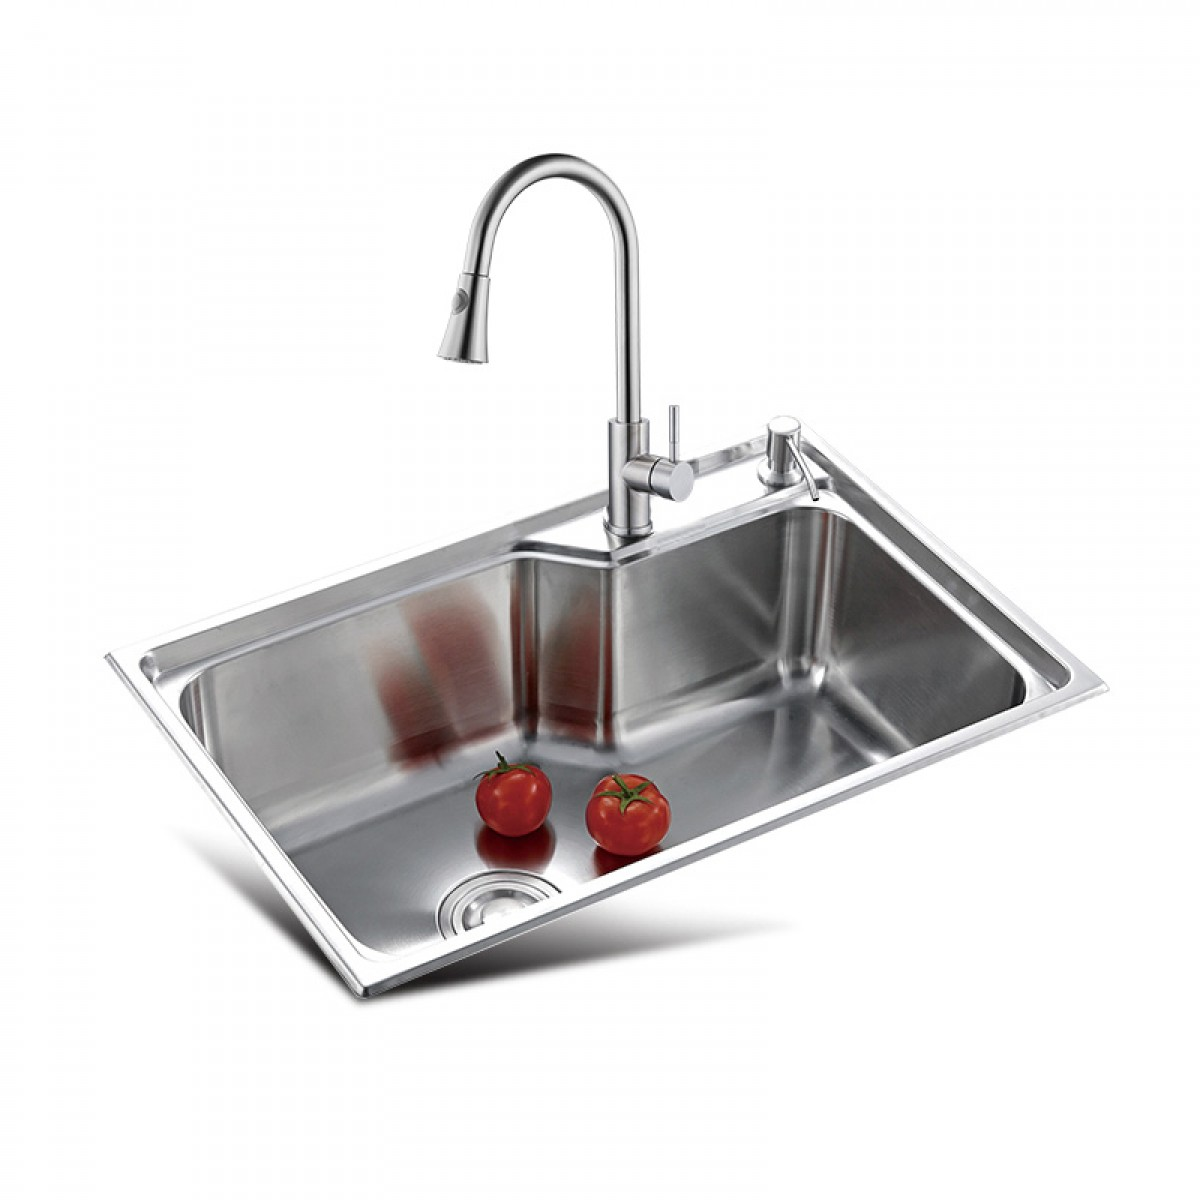 邦斯特 不锈钢单盆水槽+龙头套餐 6845L+2008